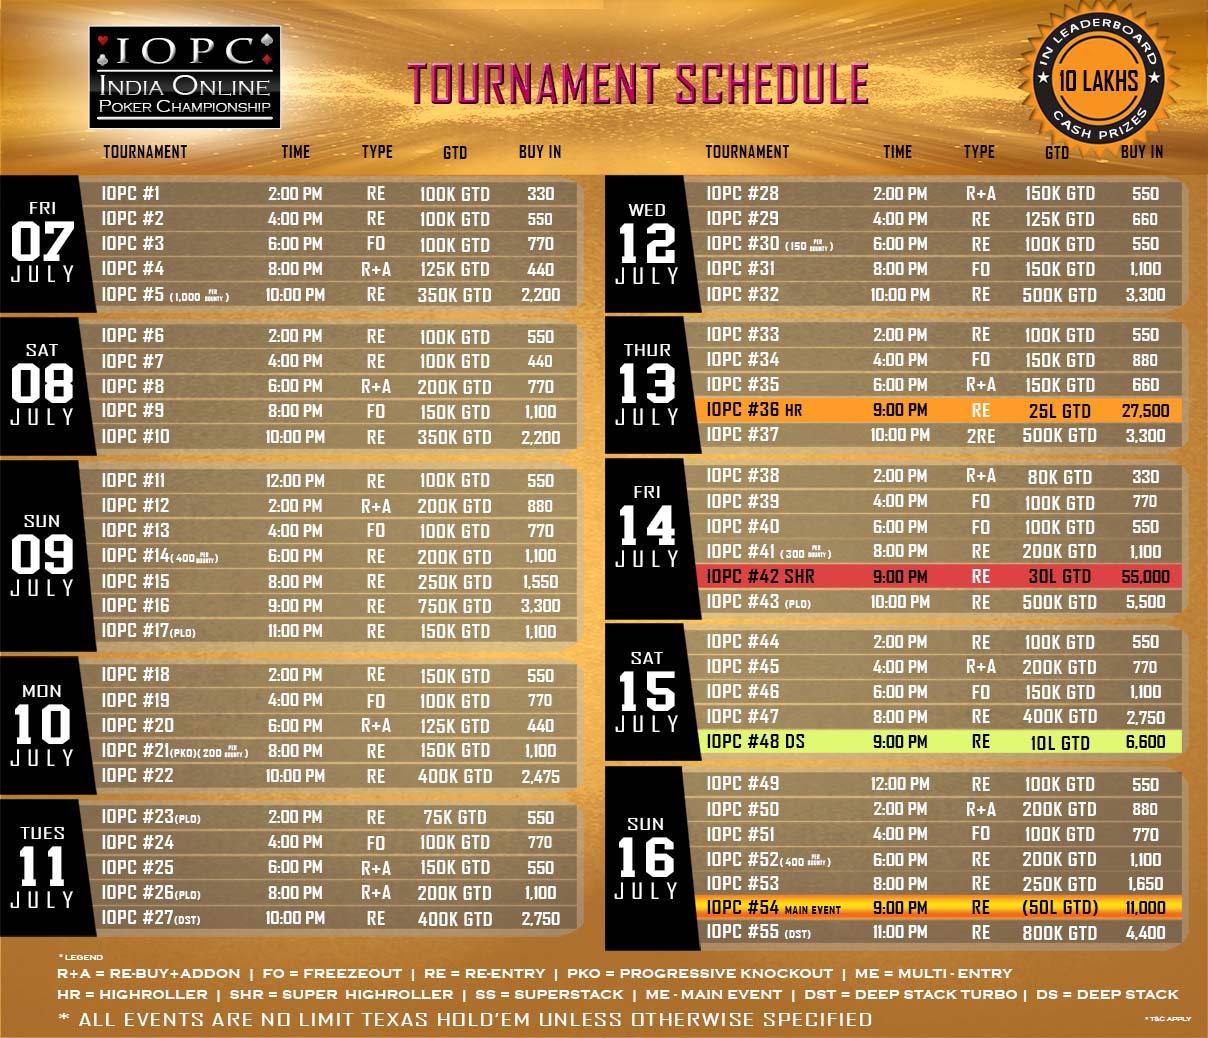 iopc schedule